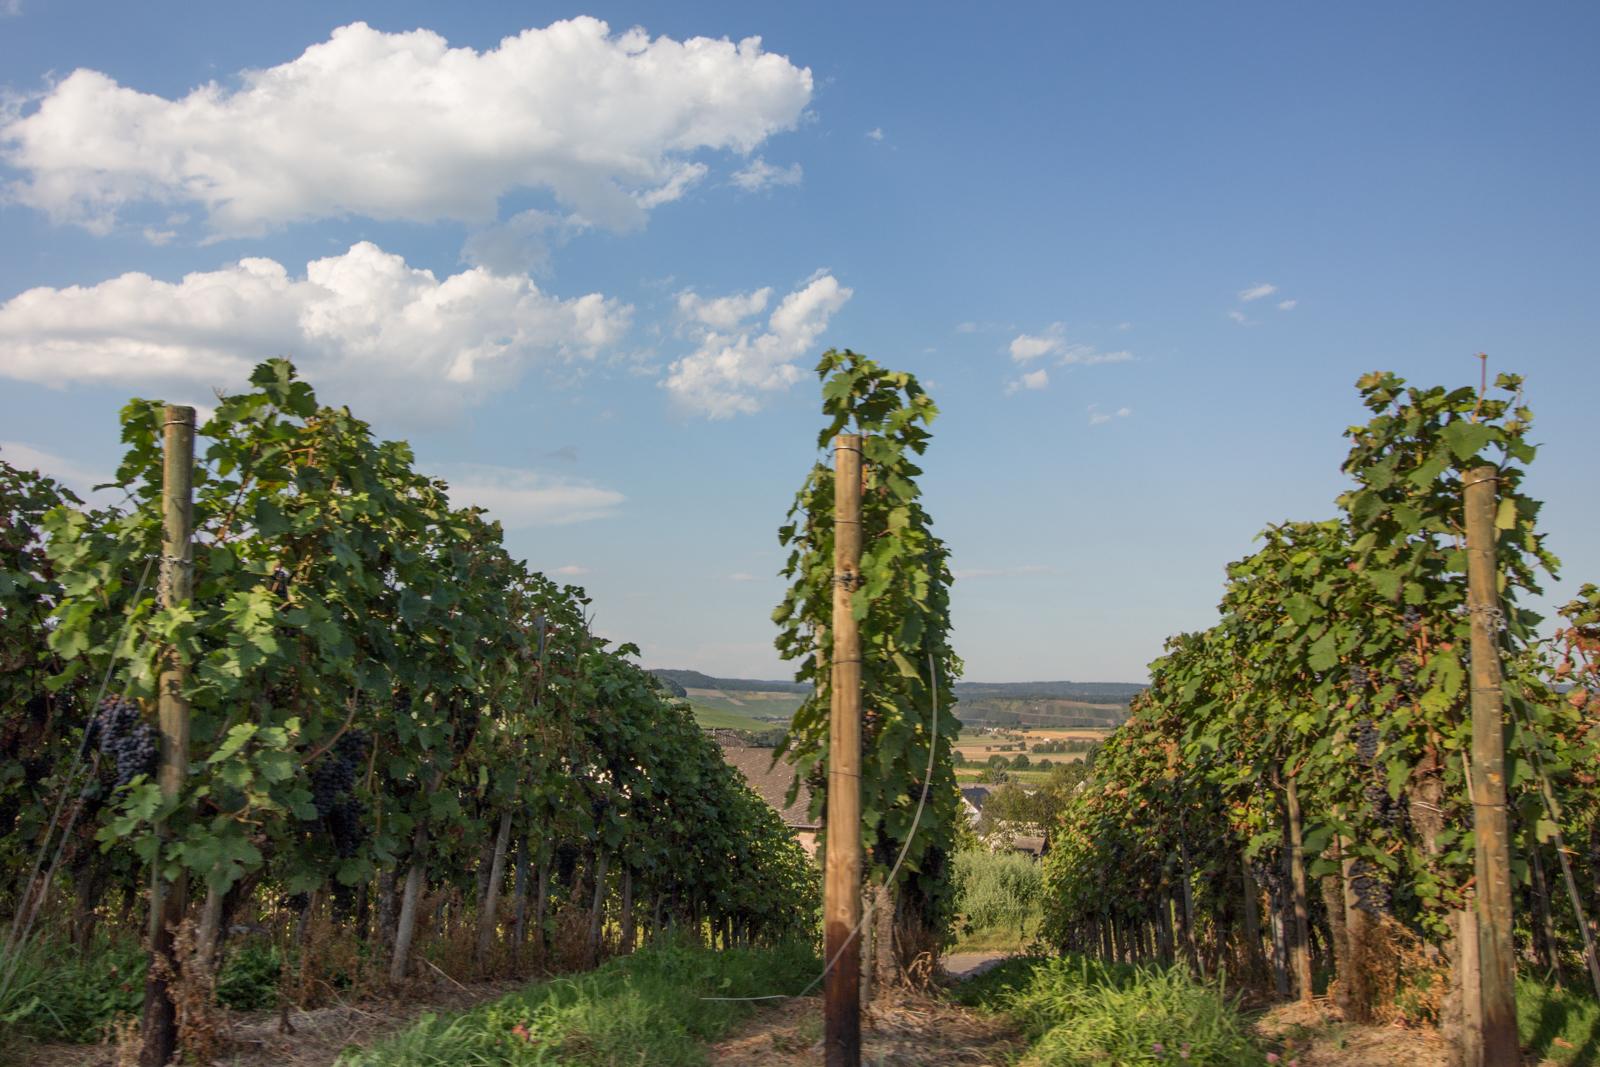 Wein, Mosel, Cabrio, Moseltour, Cabriotour an der Mosel, Weingut Bastgen, Öko-Wein